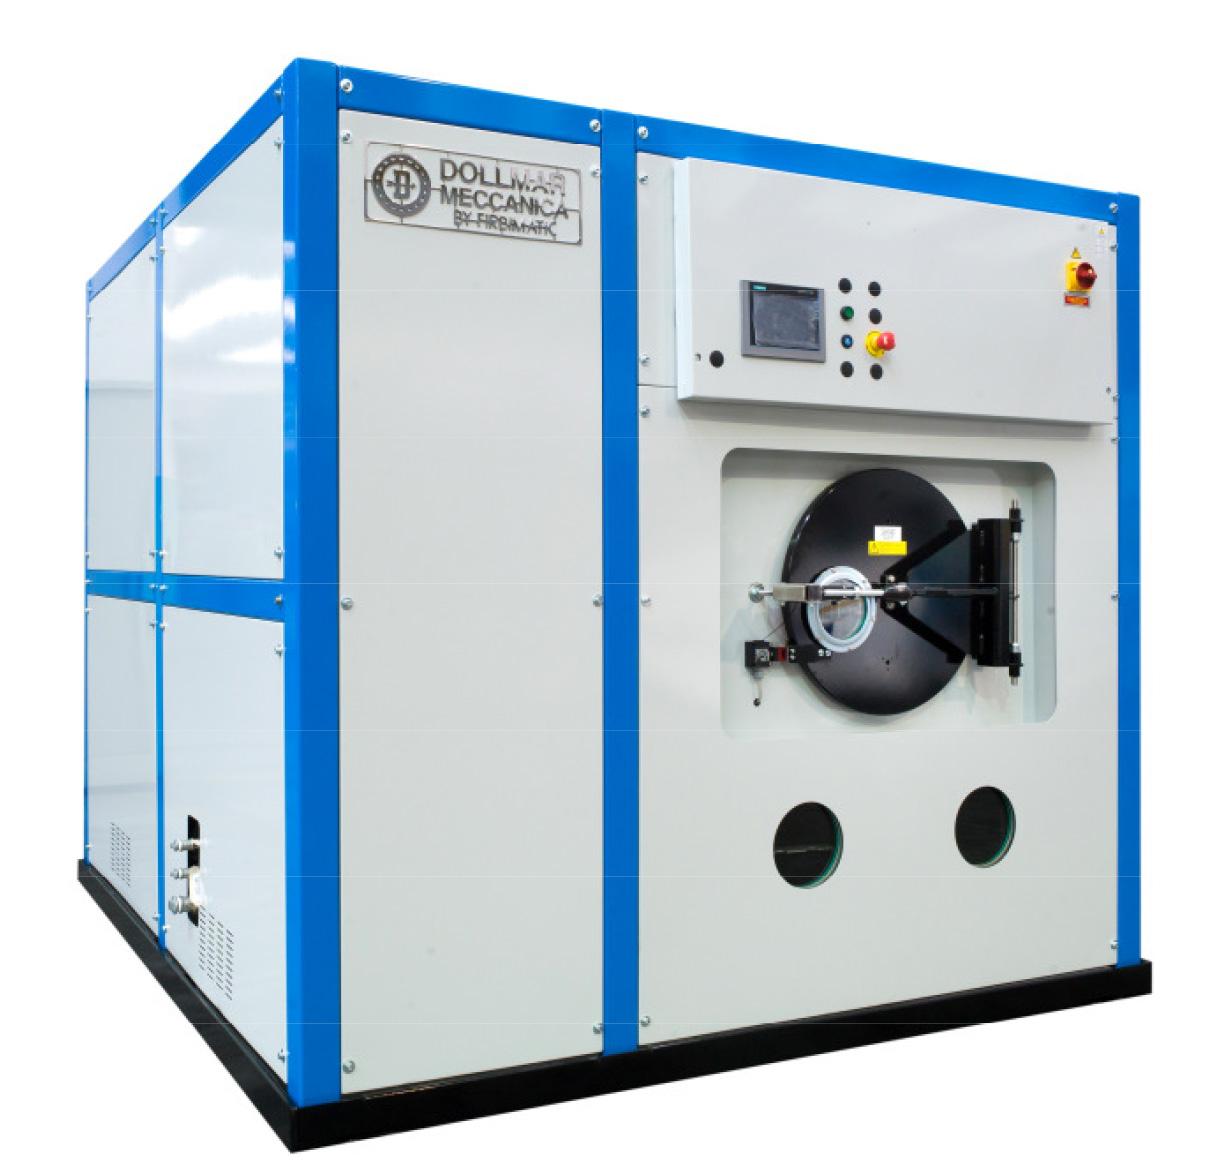 impianto di lavaggio e sgrassaggio a circuito chiuso per eliminazione trucioli di lavorazione - Gima Spa